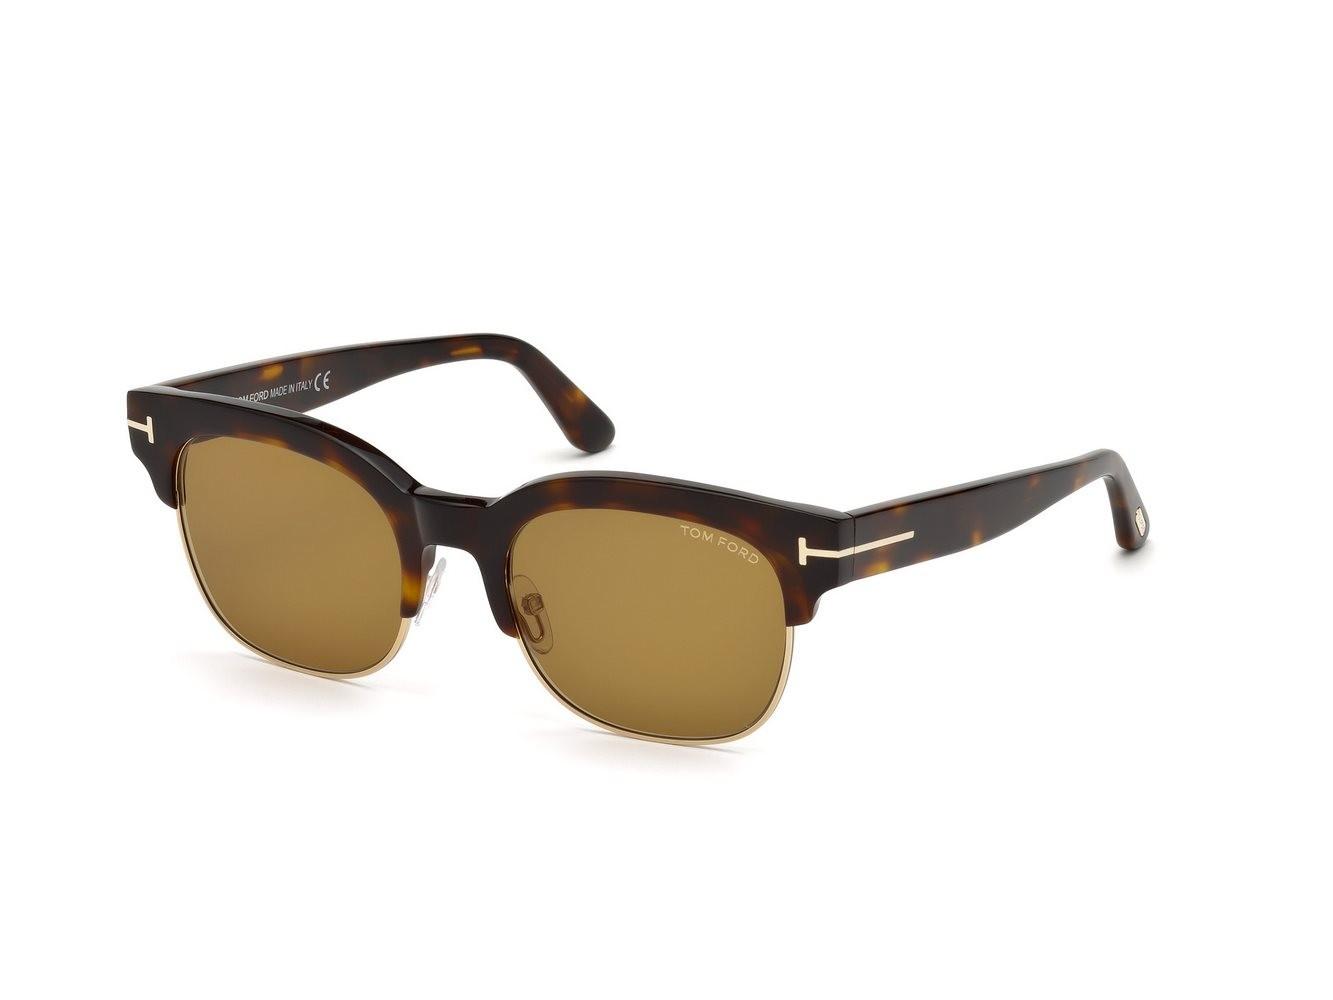 Gafas de Sol Tom Ford FT0597 56E t0d4xB